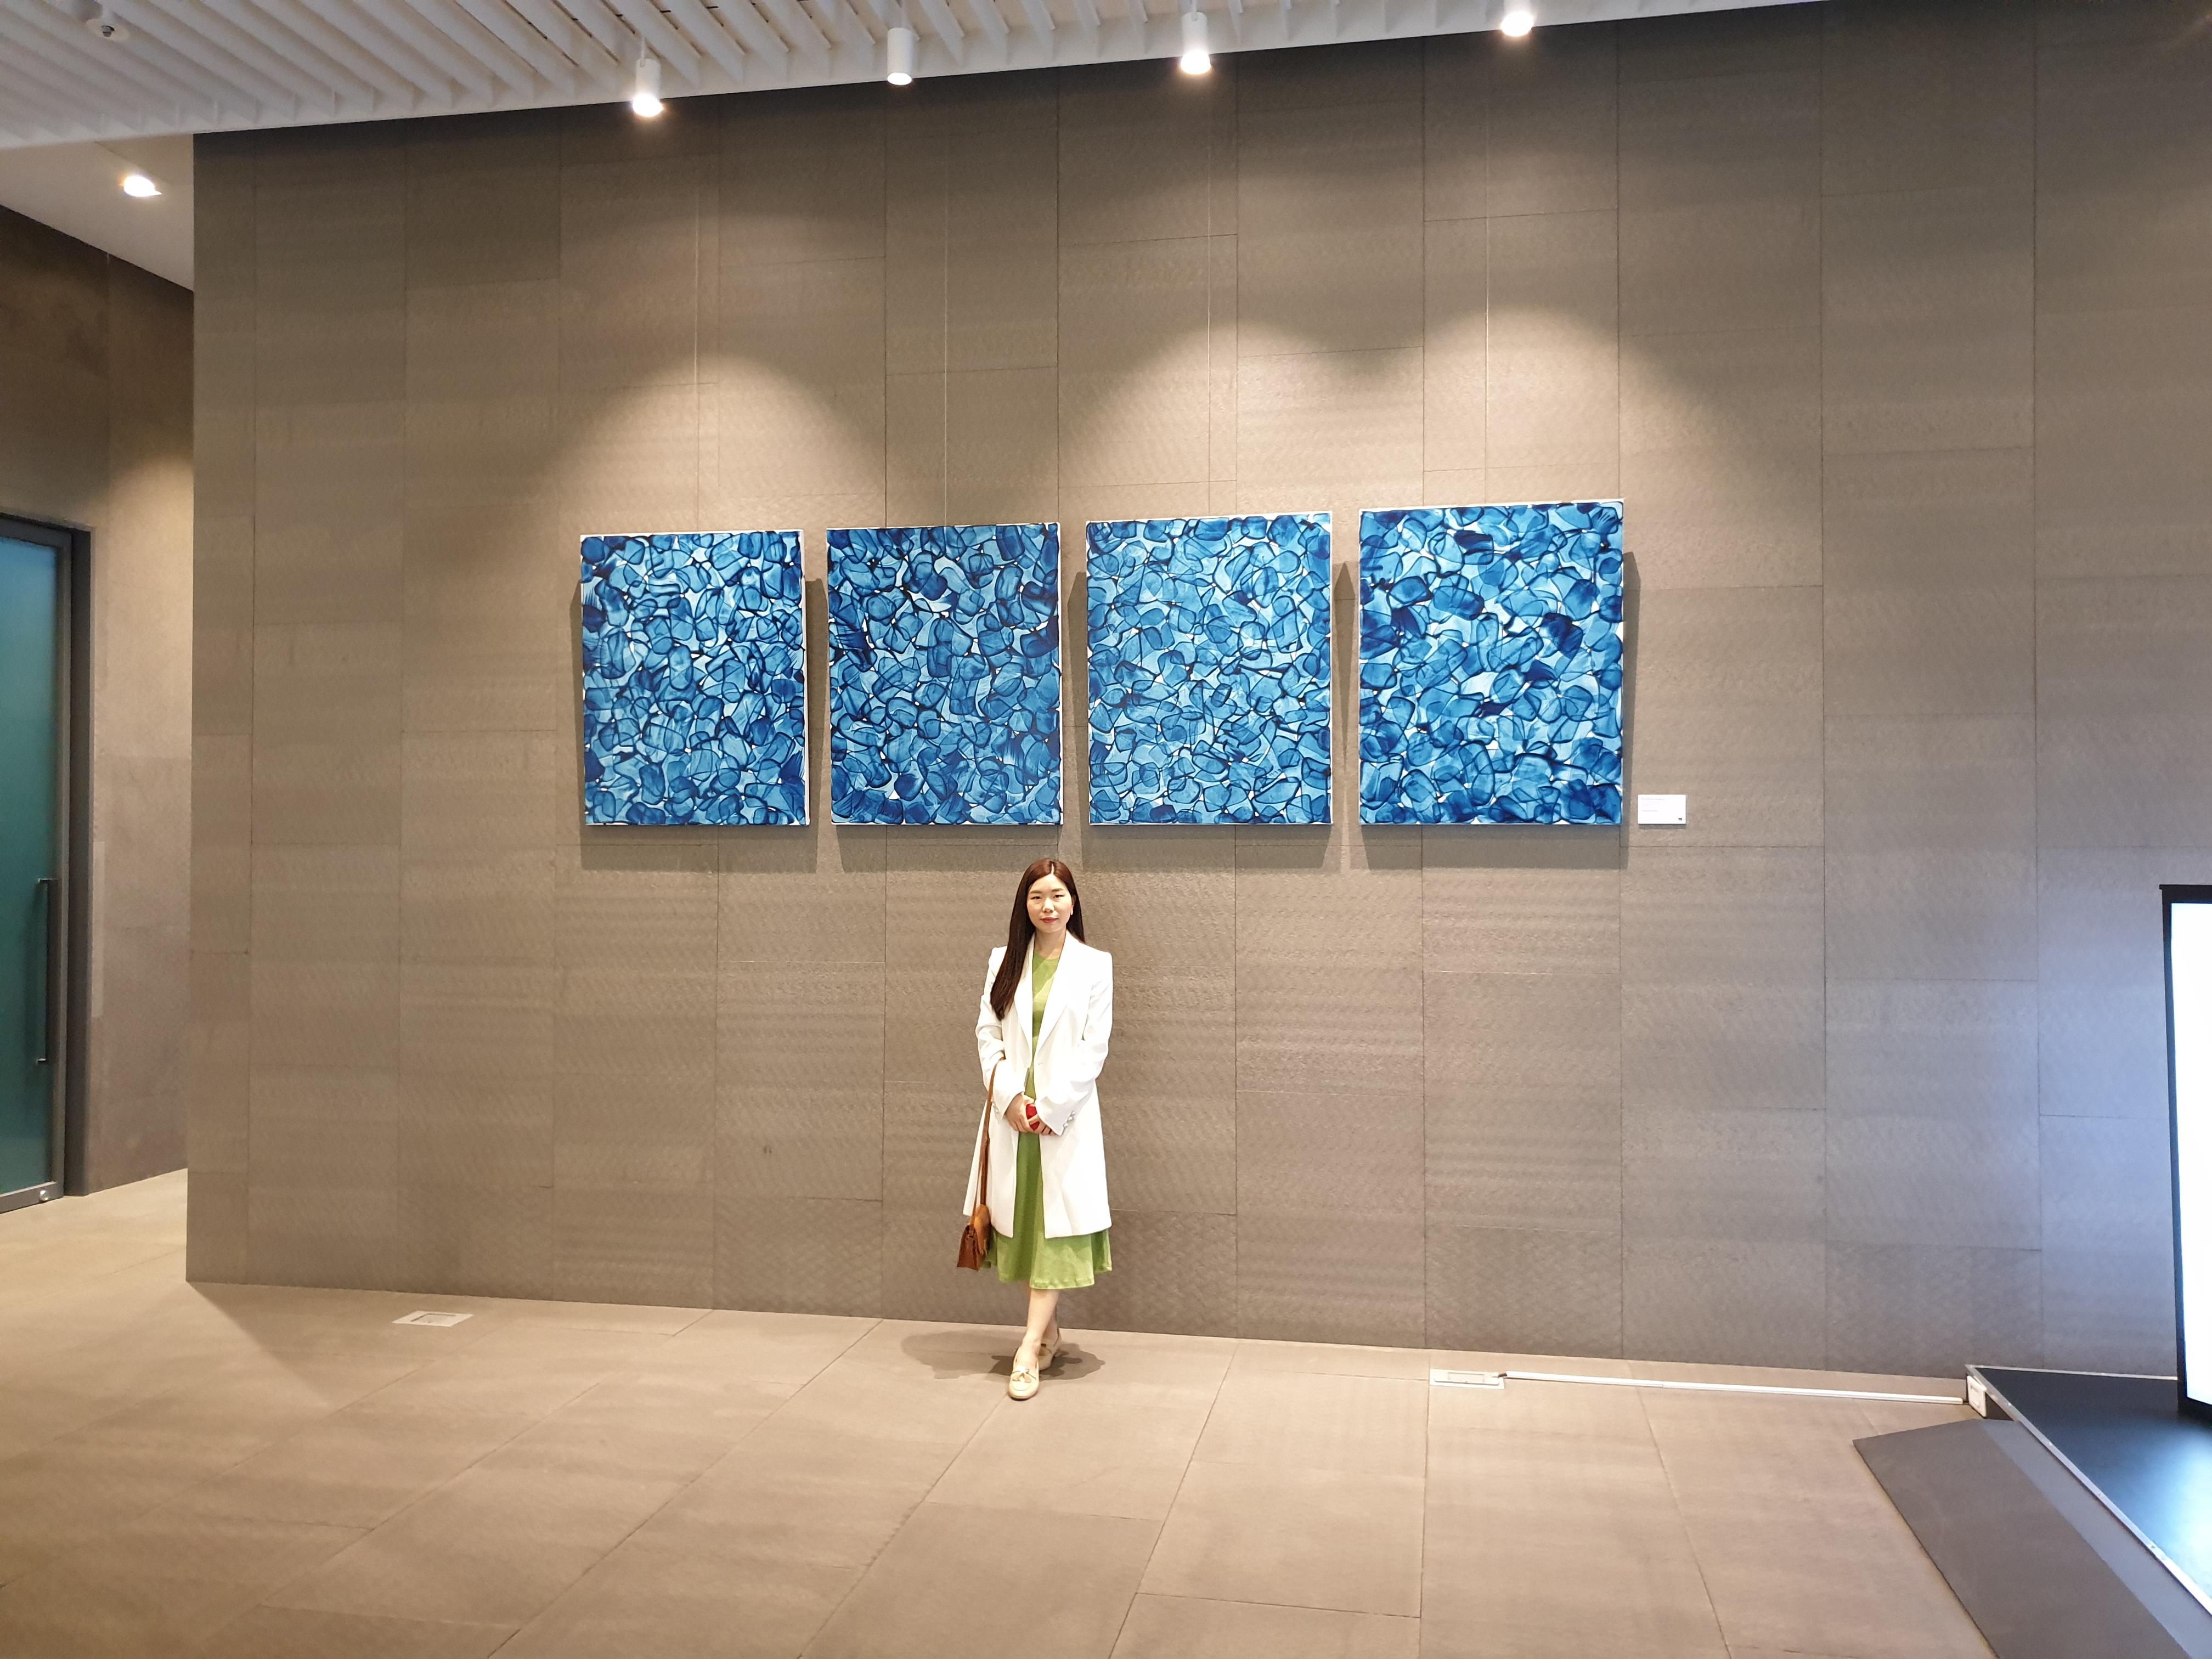 In Jong-ro tower 2019